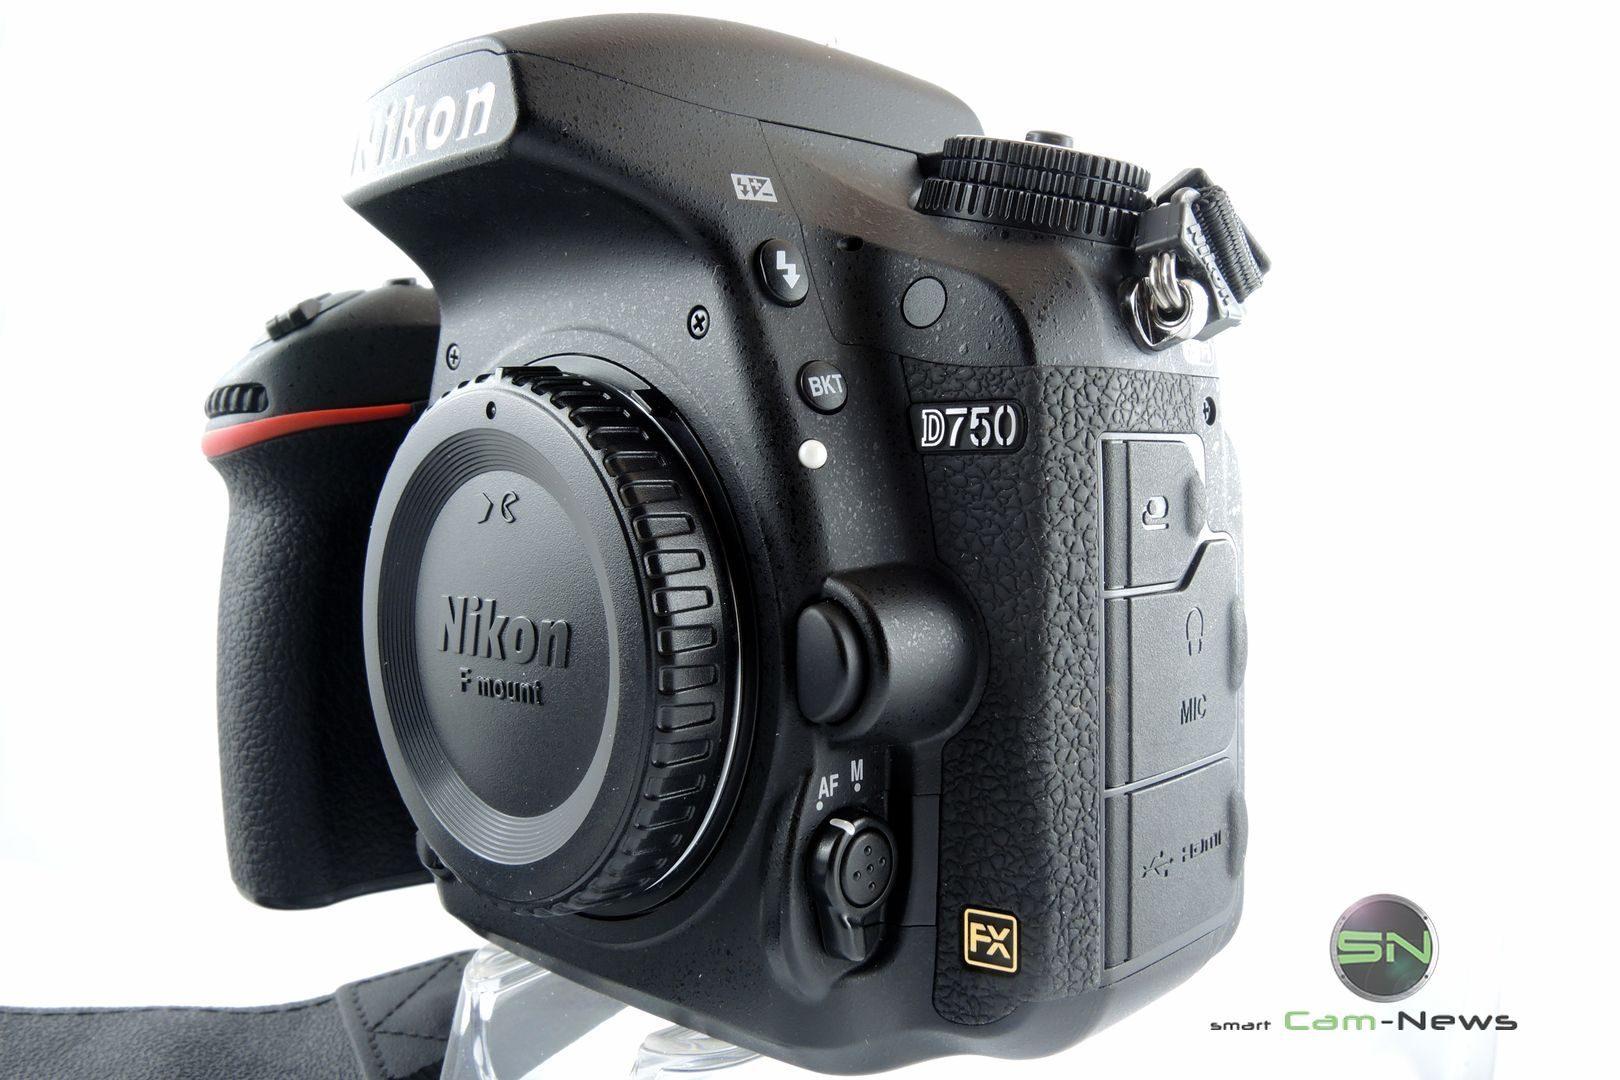 seitliche Ansicht - Nikon D750 Body - SmartCamNews